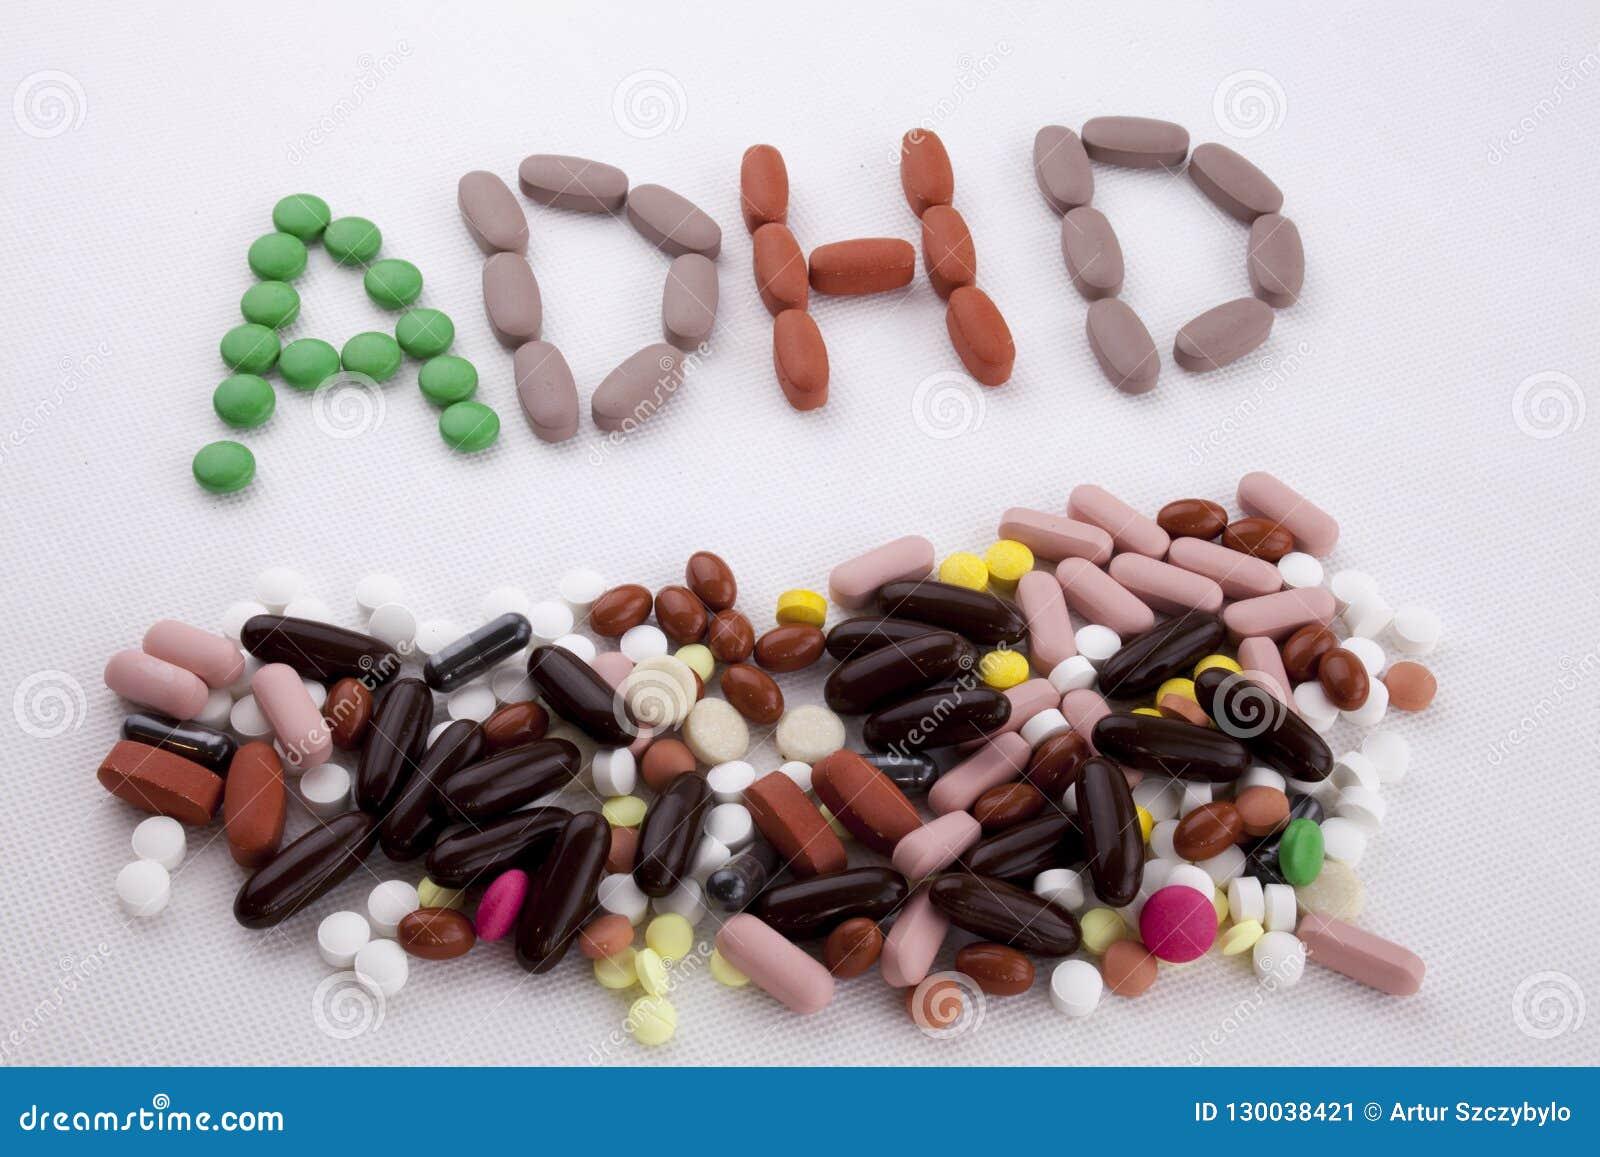 写文本说明启发卫生保健概念的手写与药片药物胶囊词ADHD注意力不集中